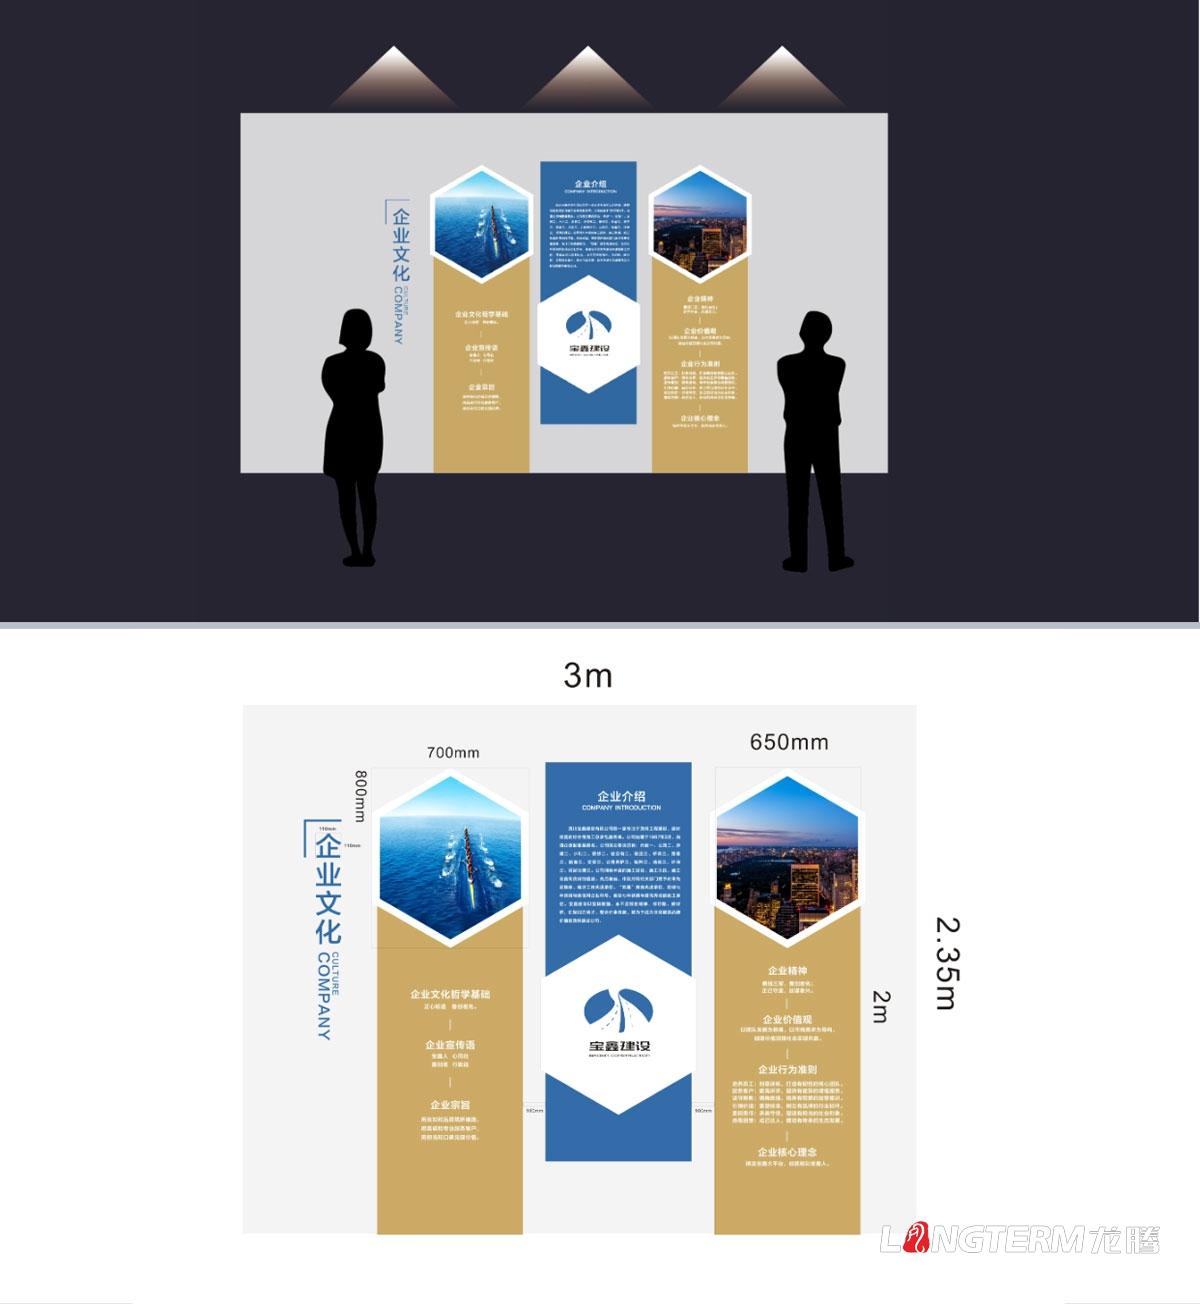 宝鑫建设企业文化墙形象墙设计与安装_成都建设建筑公司办公室氛围营造